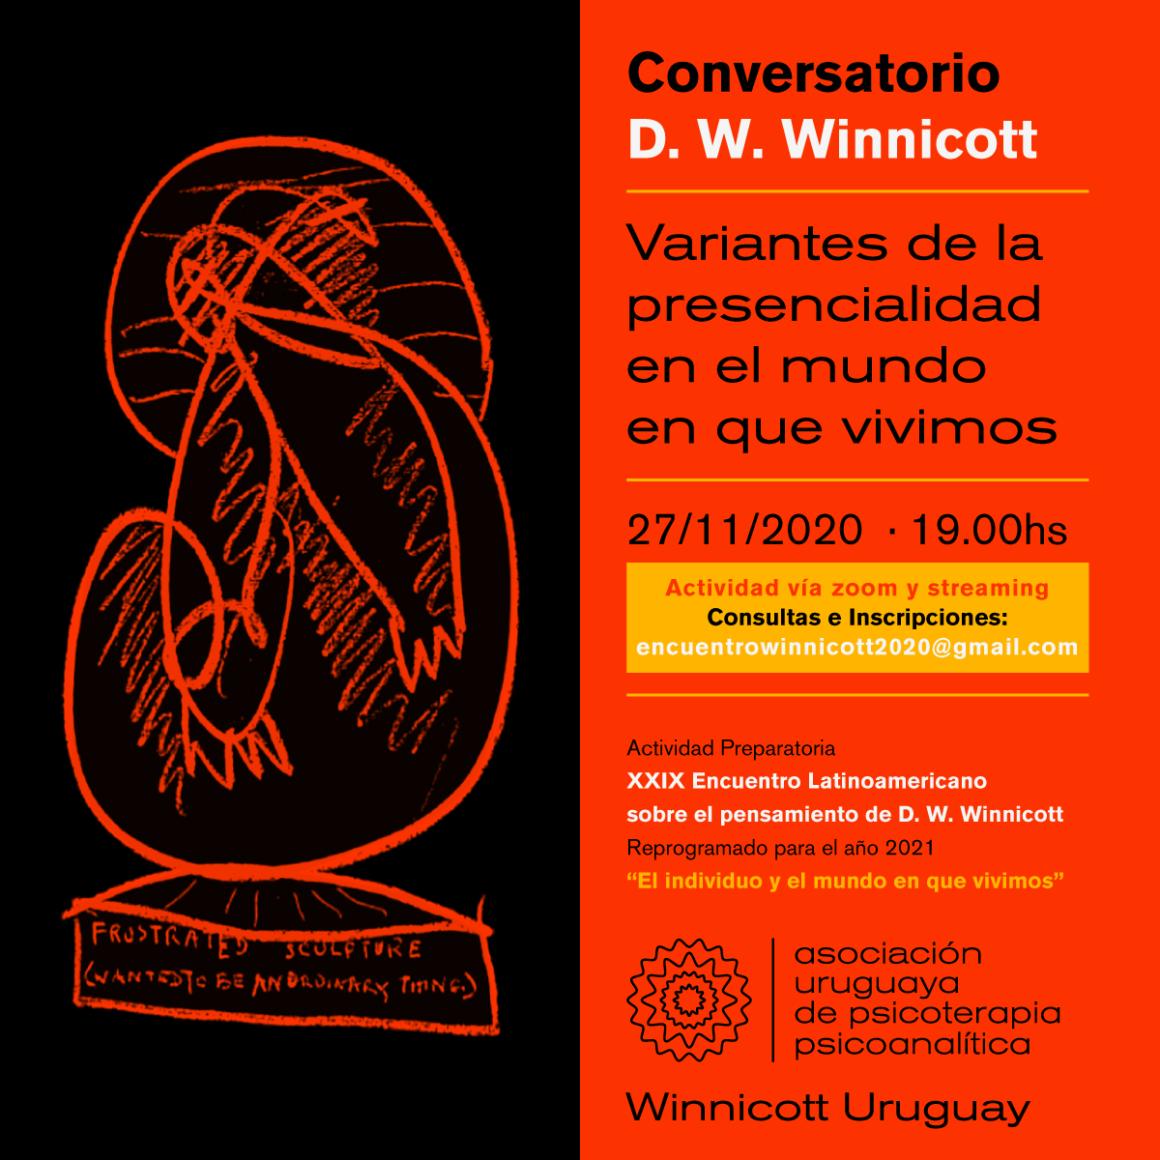 Conversatorio D. W. Winnicott: «Variantes de la presencialidad en el mundo en que vivimos» Viernes 27 de noviembre hora 19.00 Actividad vía zoom y streaming